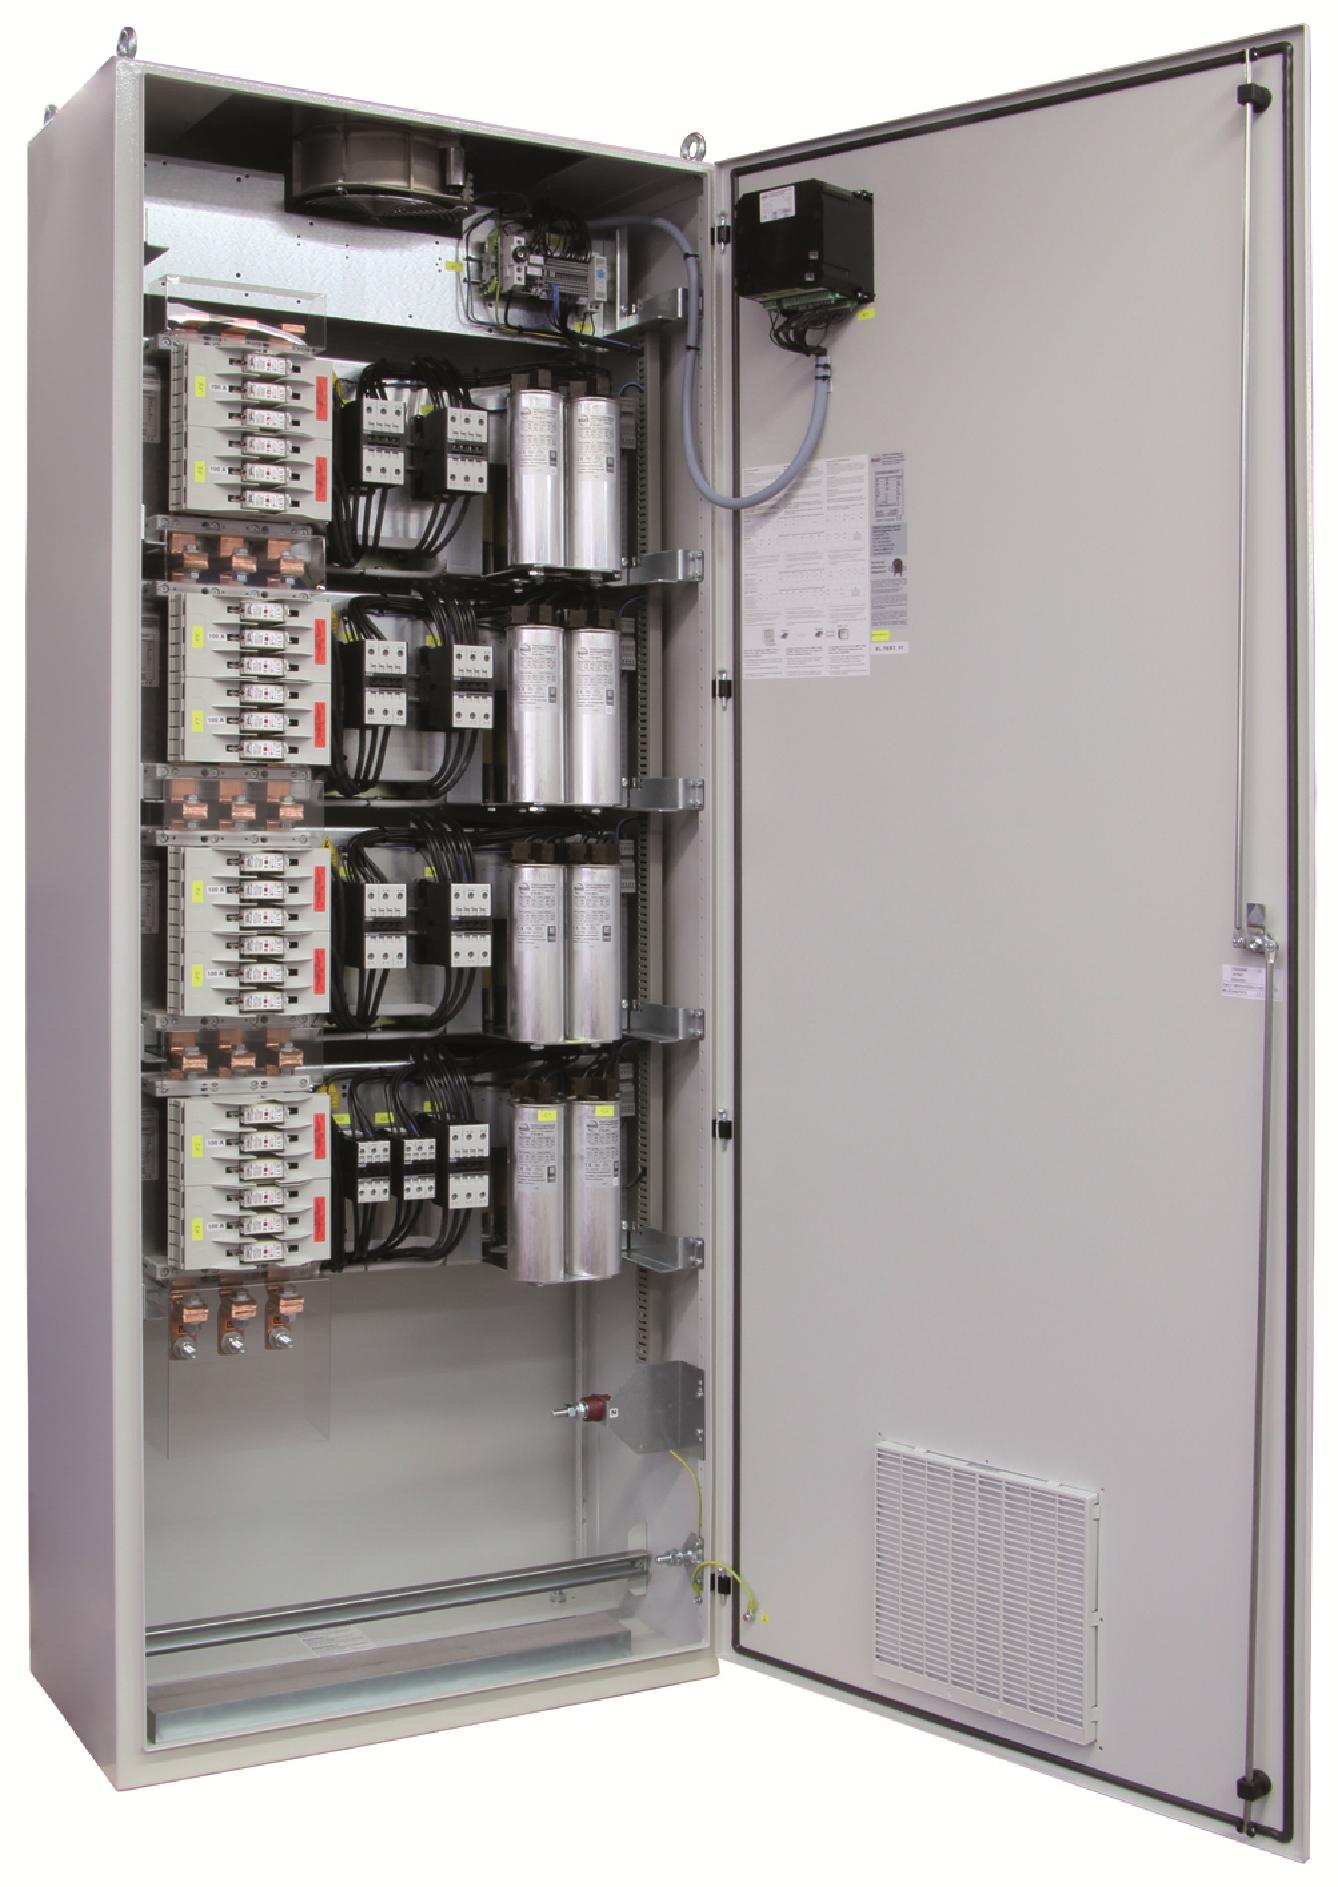 1 Stk Kompensation LSFC 14% 275/25kvar 800x2110x500mm FR3422641-